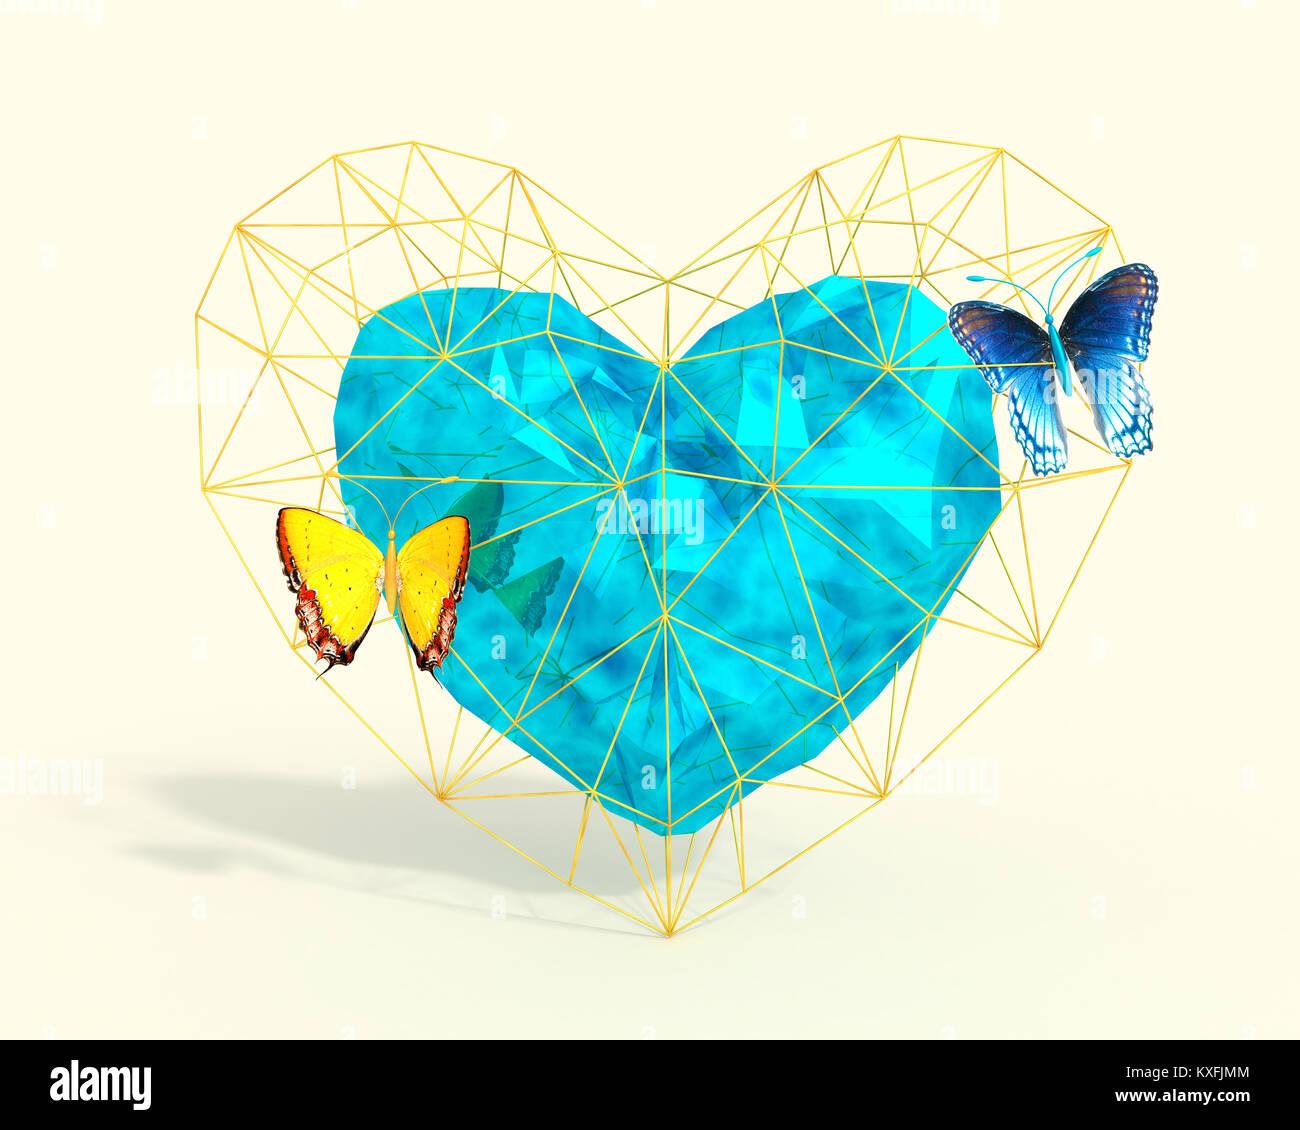 Cuore Astratto In Bassa Poli Stile Con Luce Rosa E Farfalle Blu Su